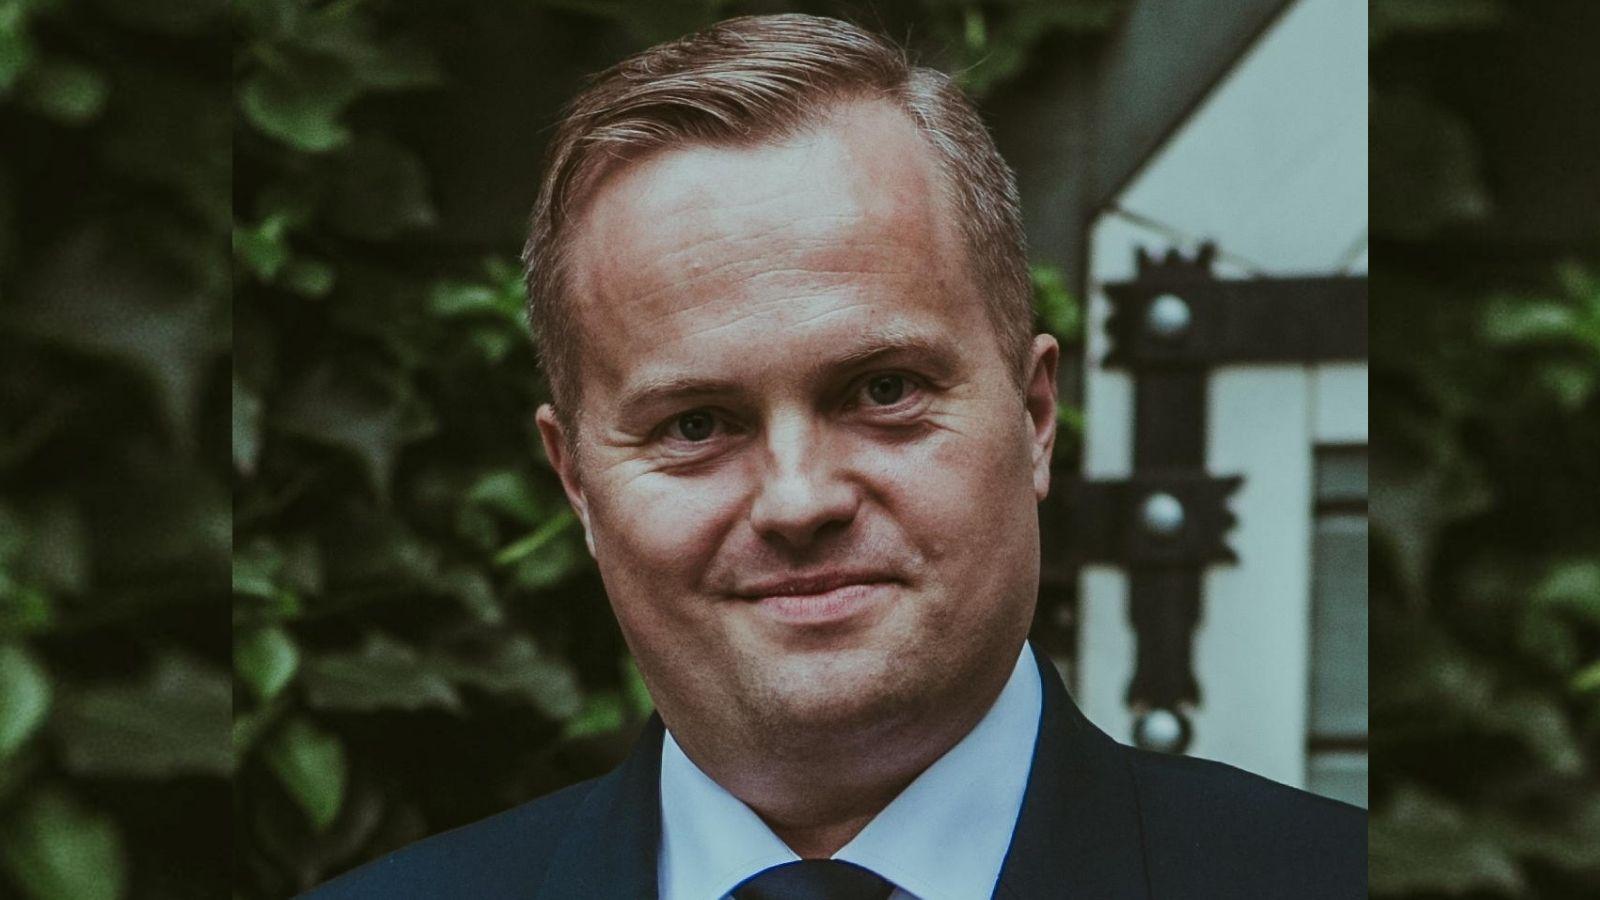 Philip Morris Polska z nowym szefem komunikacji Philip Morris Polska. mediarun philip morris